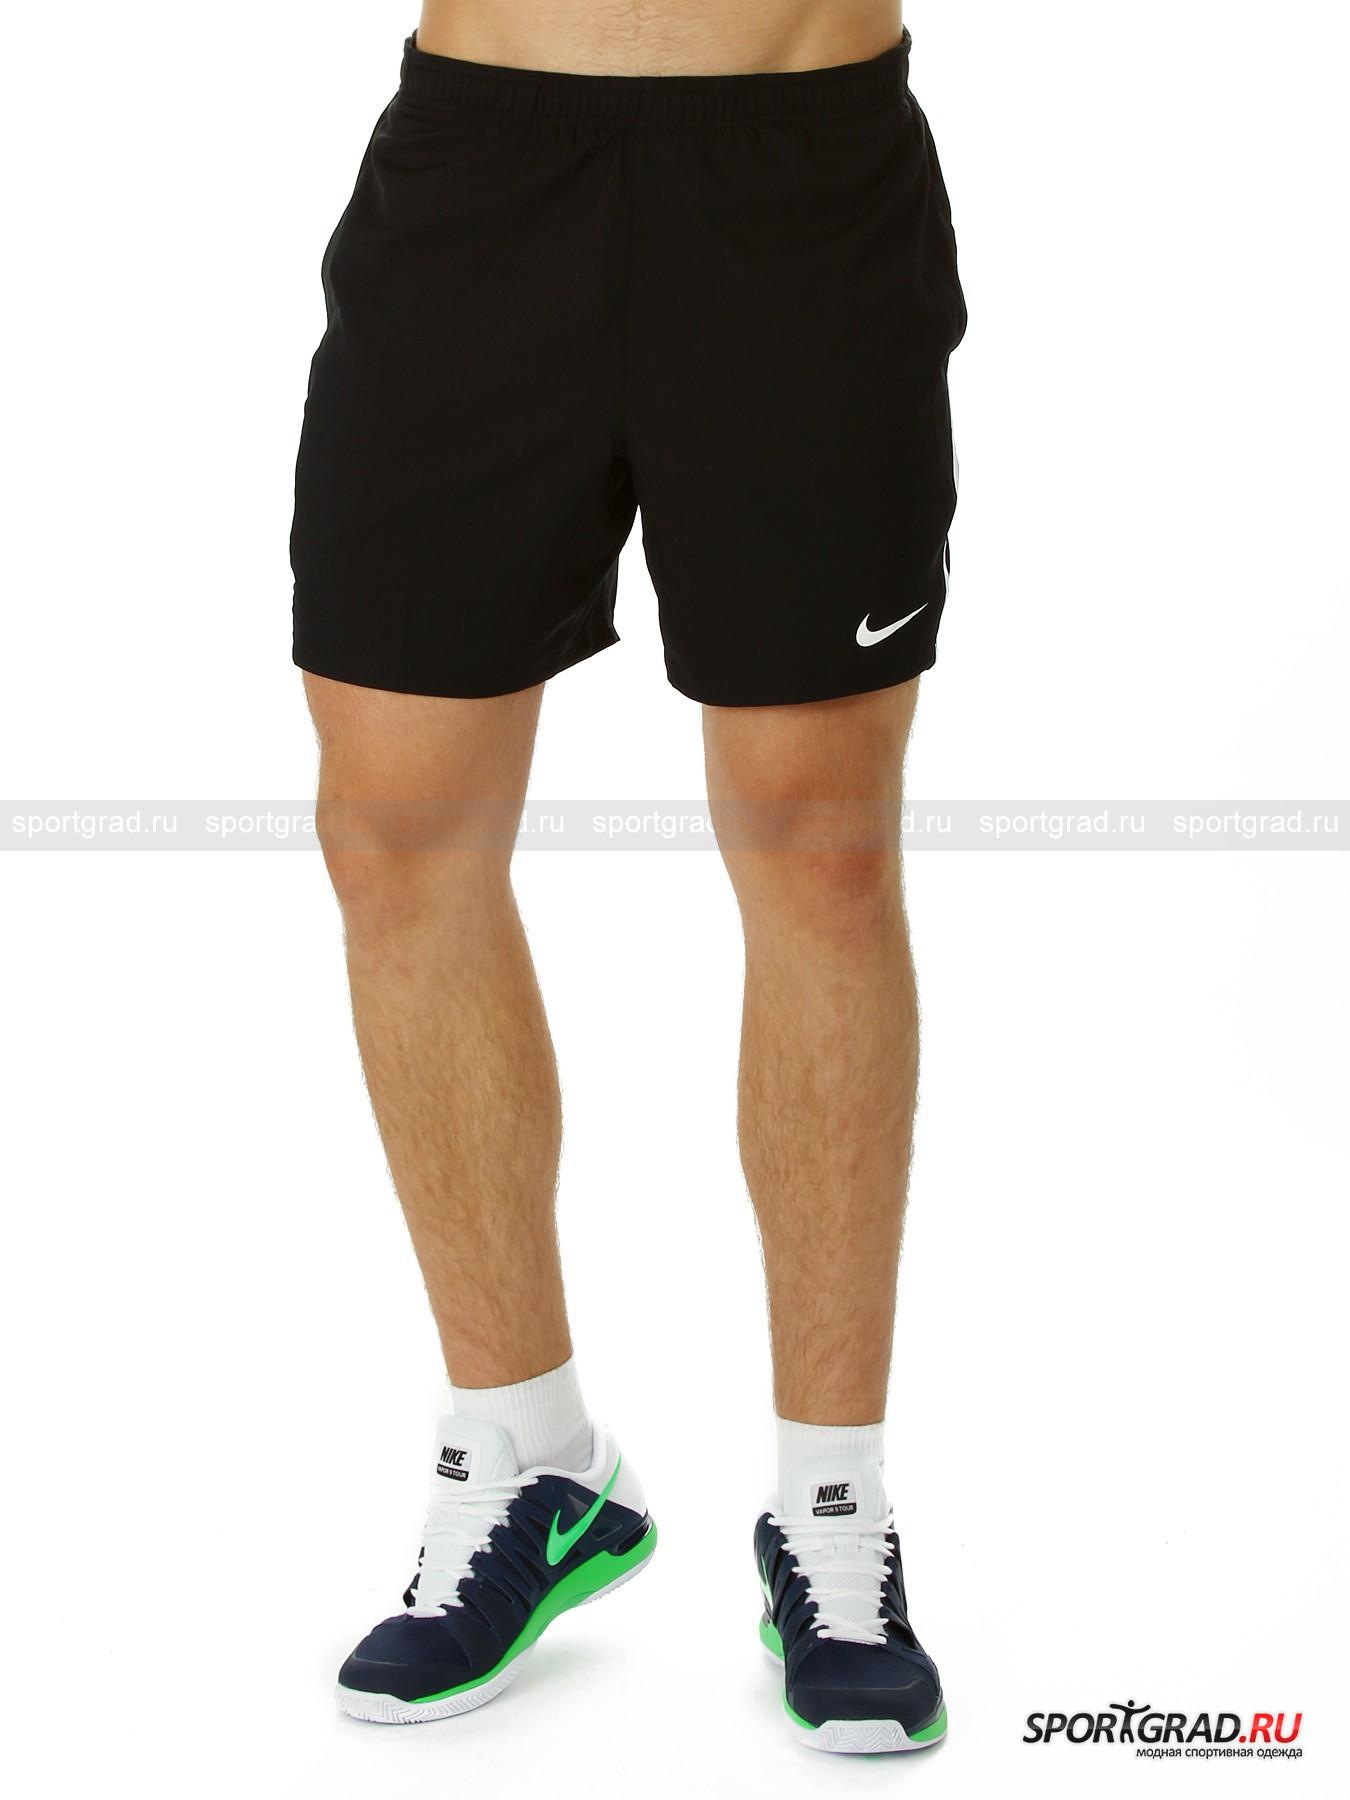 Шорты мужские хлопковые POWER 7 для игры в теннис